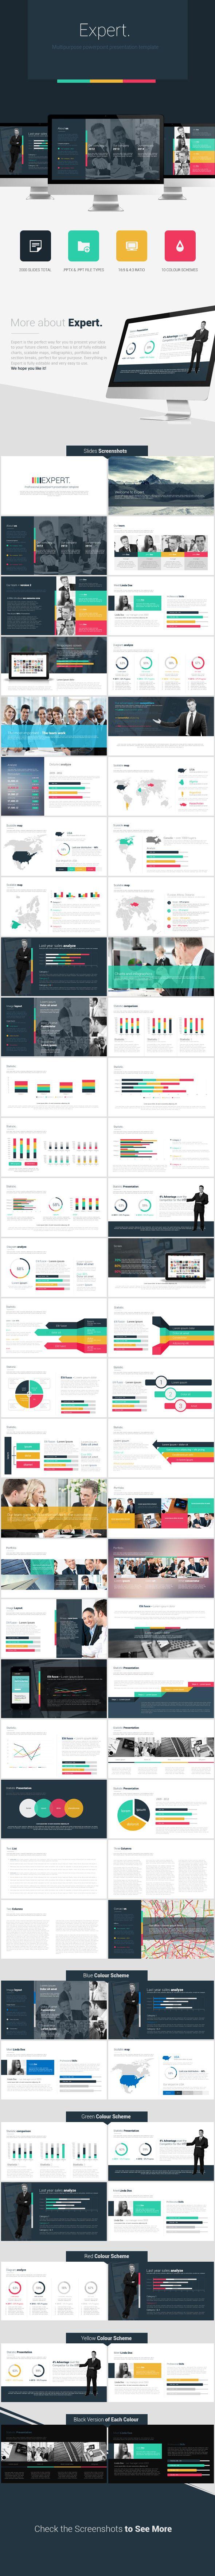 Expert Powerpoint Presentation Template PowerPoint Template / Theme / Presentation / Slides / Background / Power Point #powerpoint #template #theme